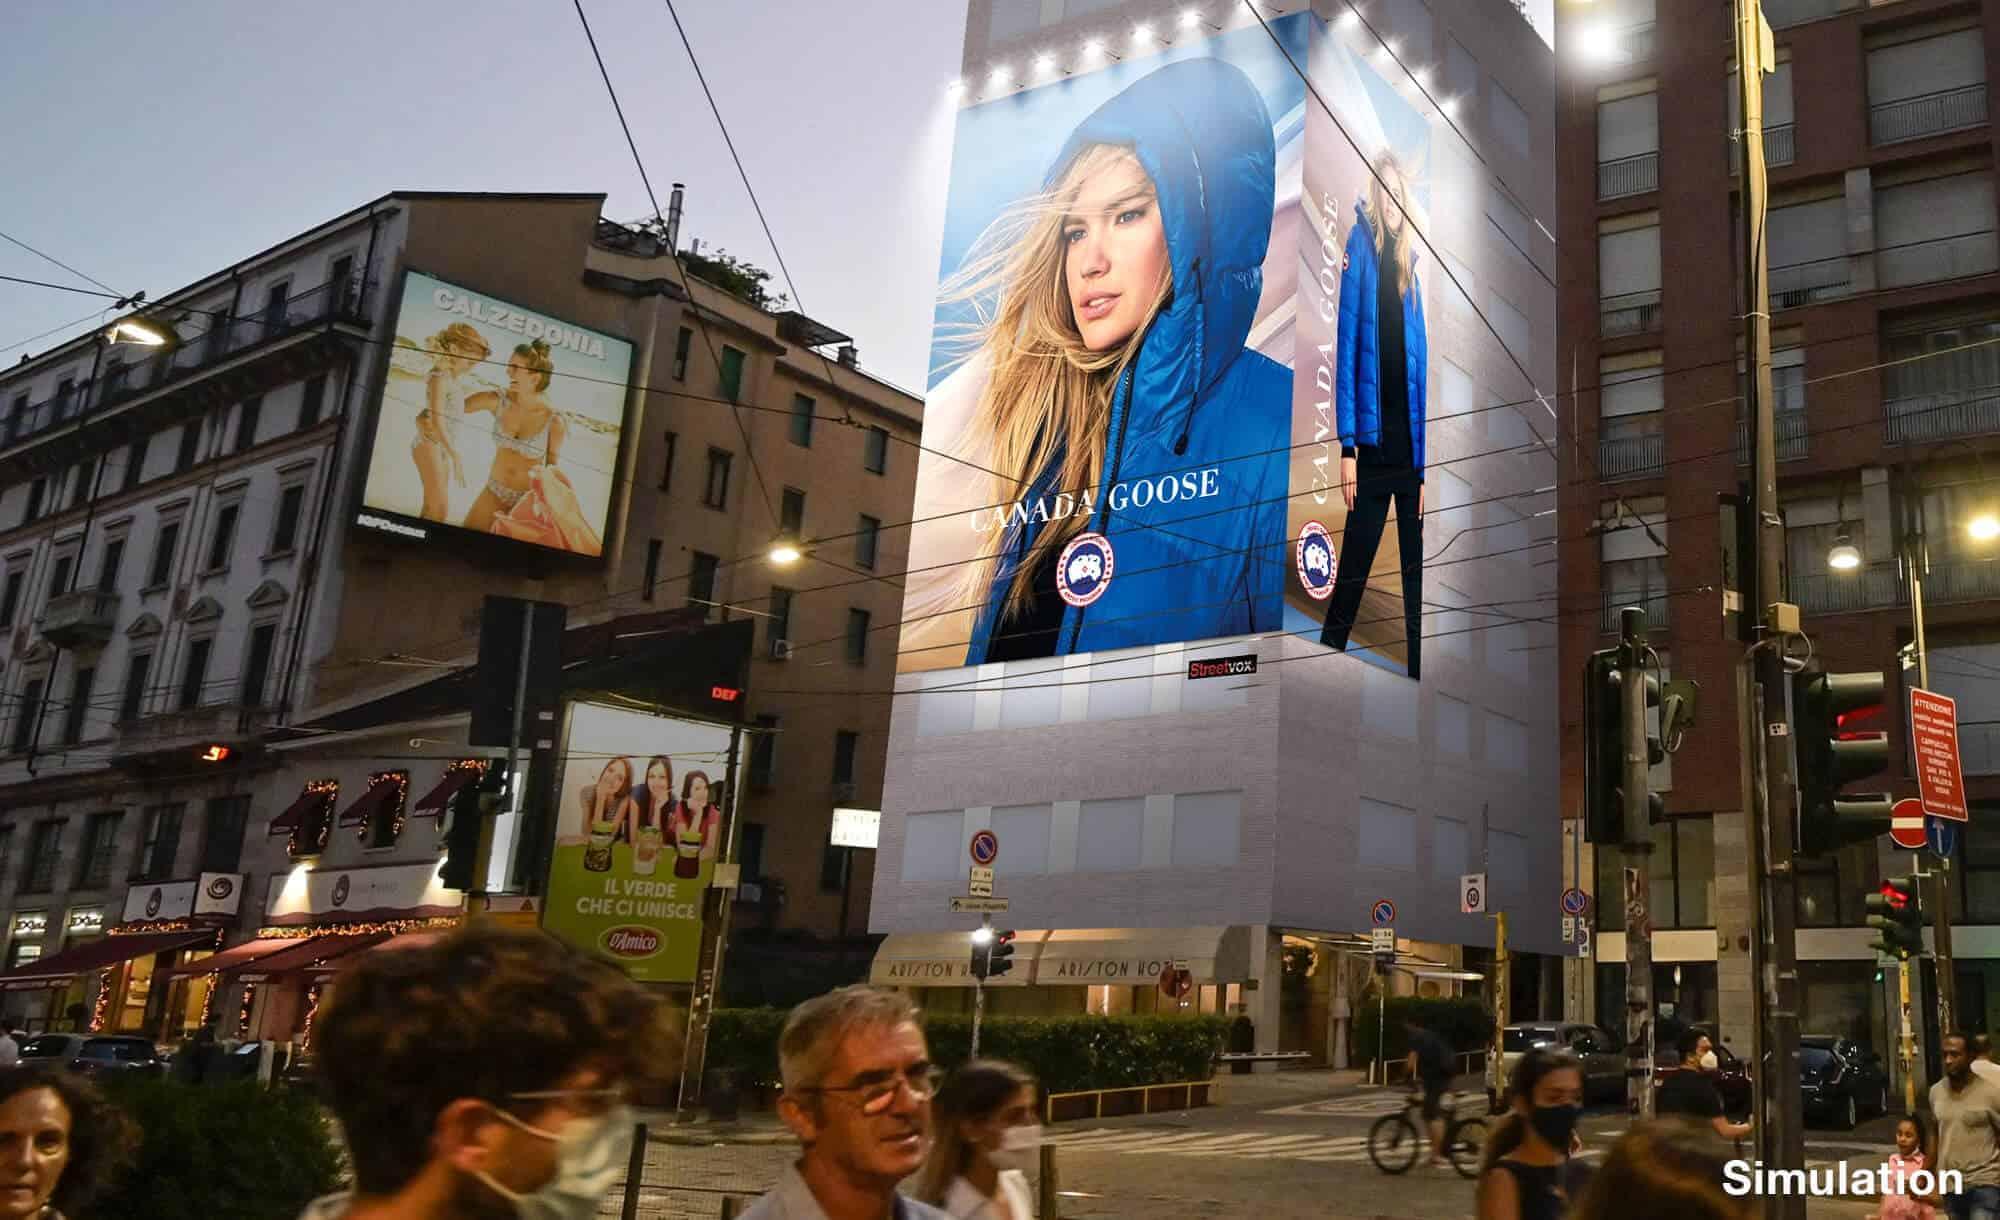 Maxi Affissione Streetvox in Largo Carrobbio su Hotel Ariston a Milano con Canada Goose (Fashion)